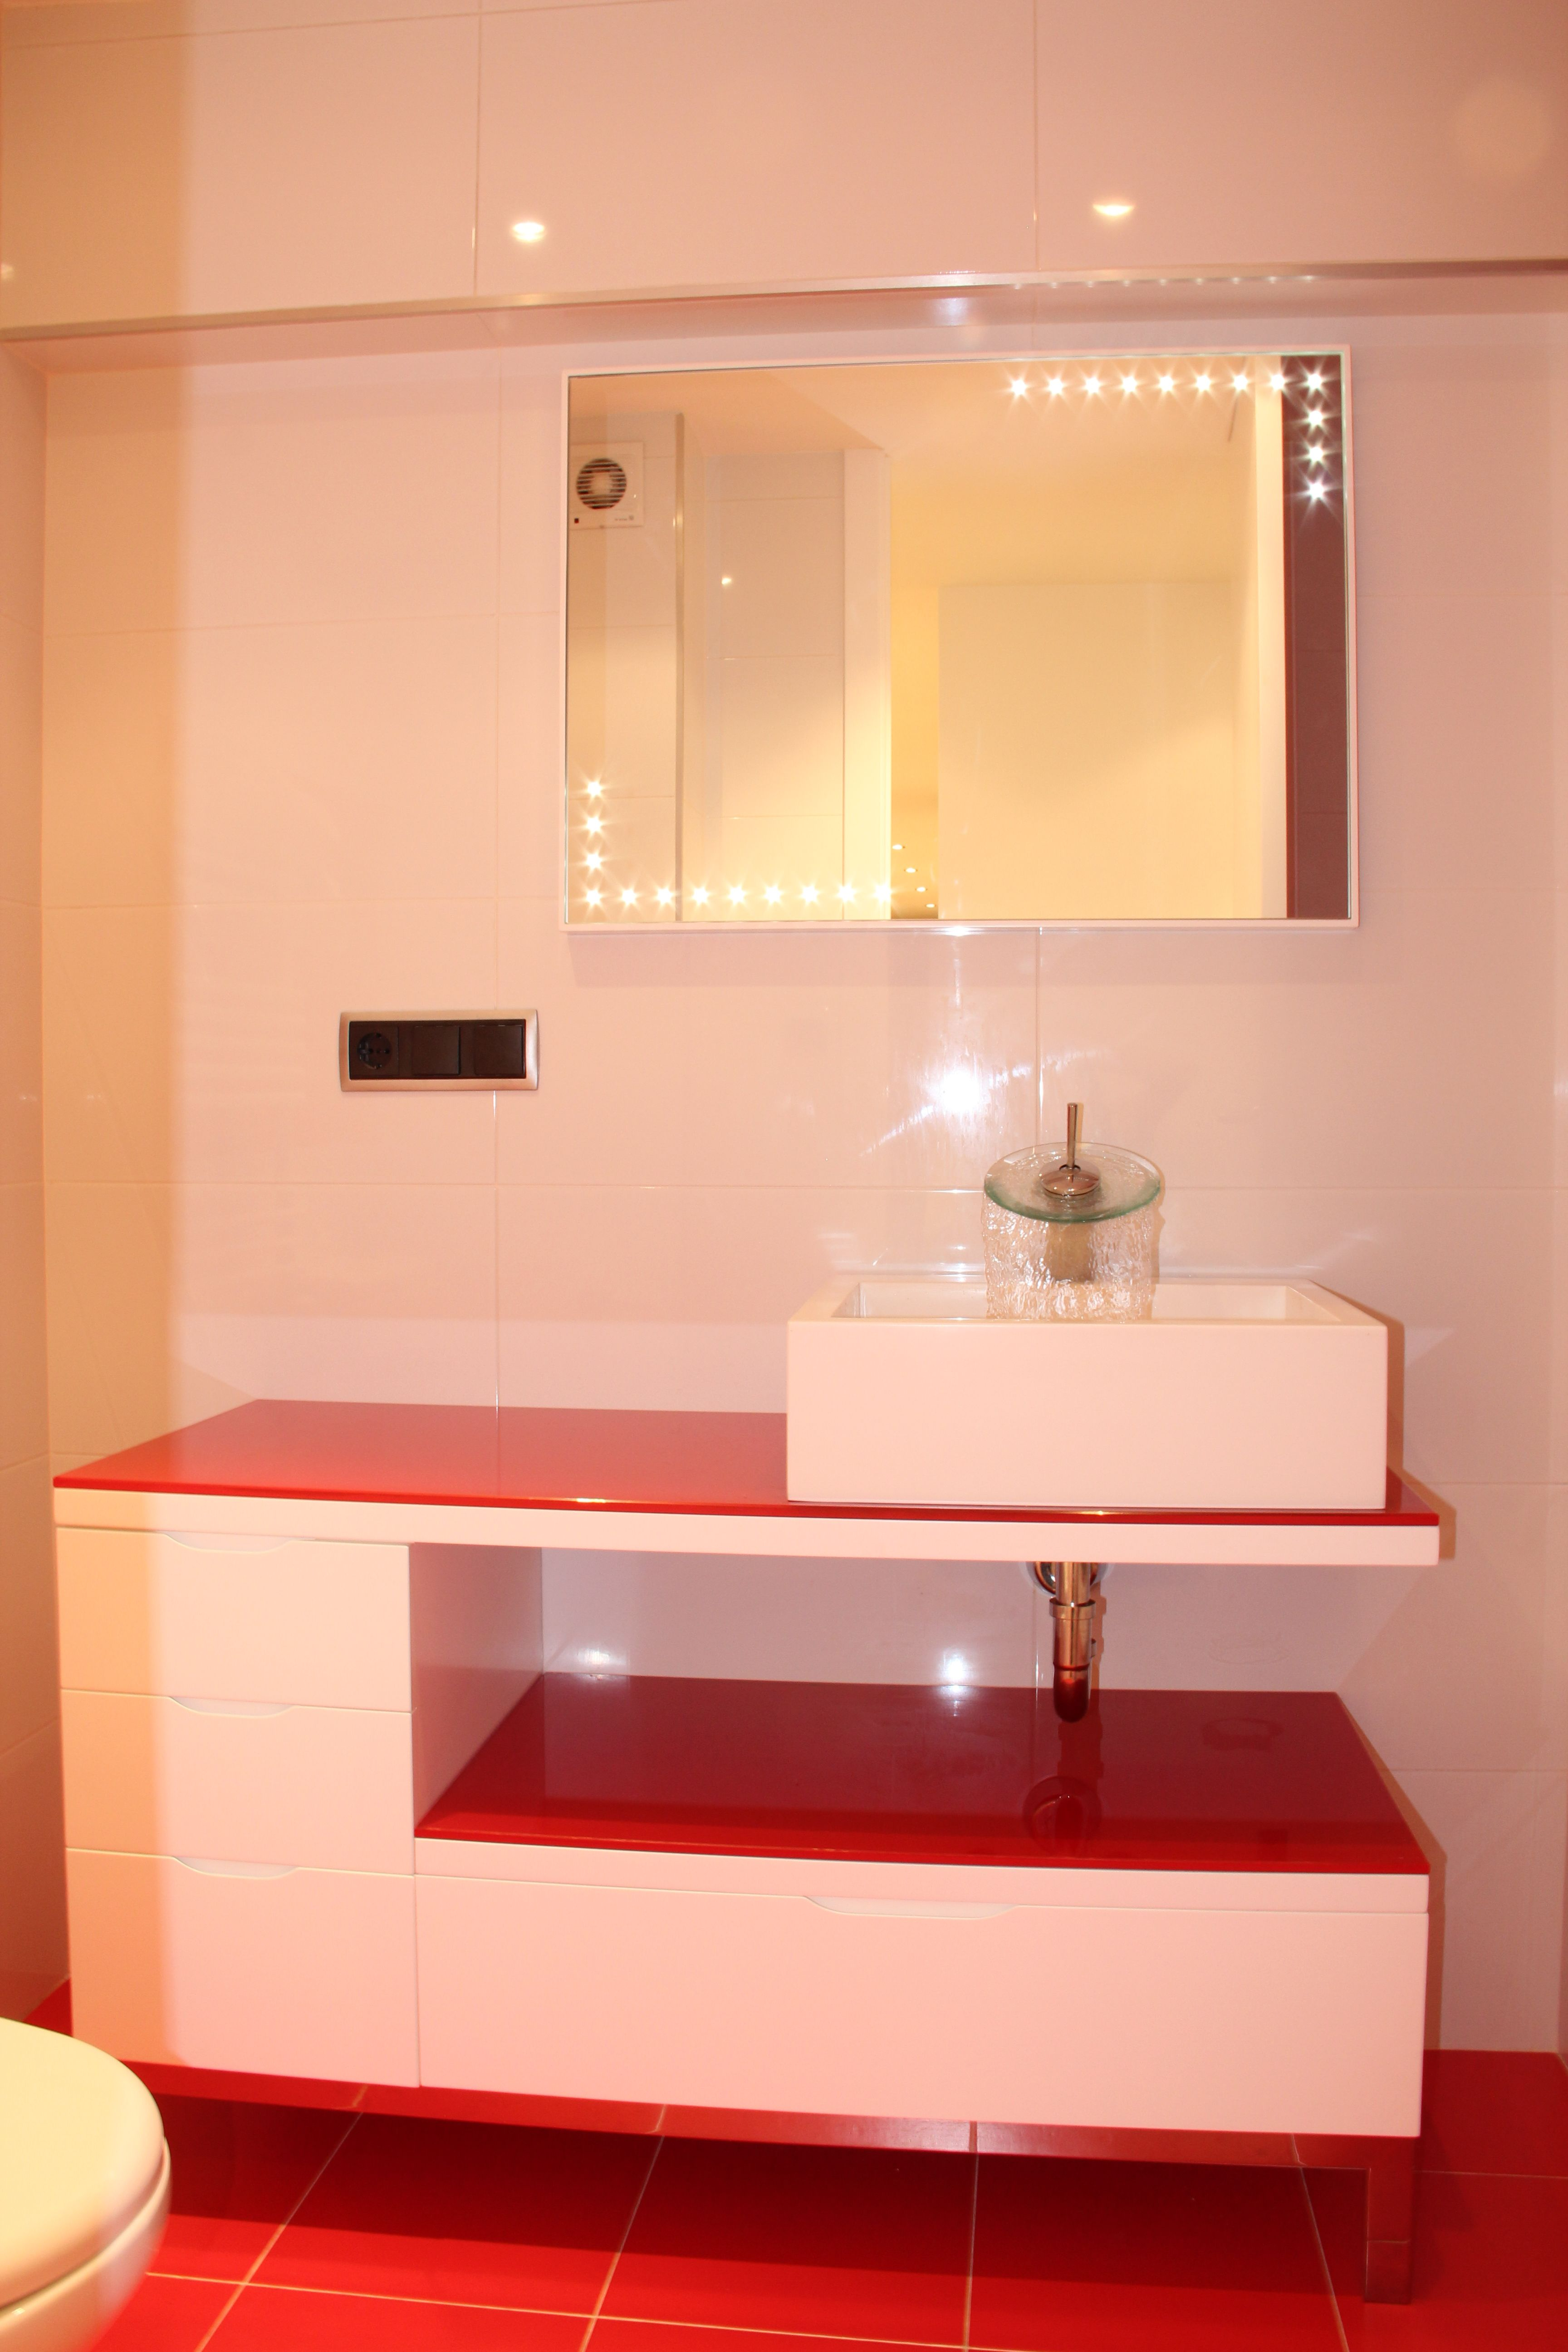 Mueble Rojo De Ba O Lacado En Blanco Muebles De Ba O  # Muebles Wc Segunda Mano